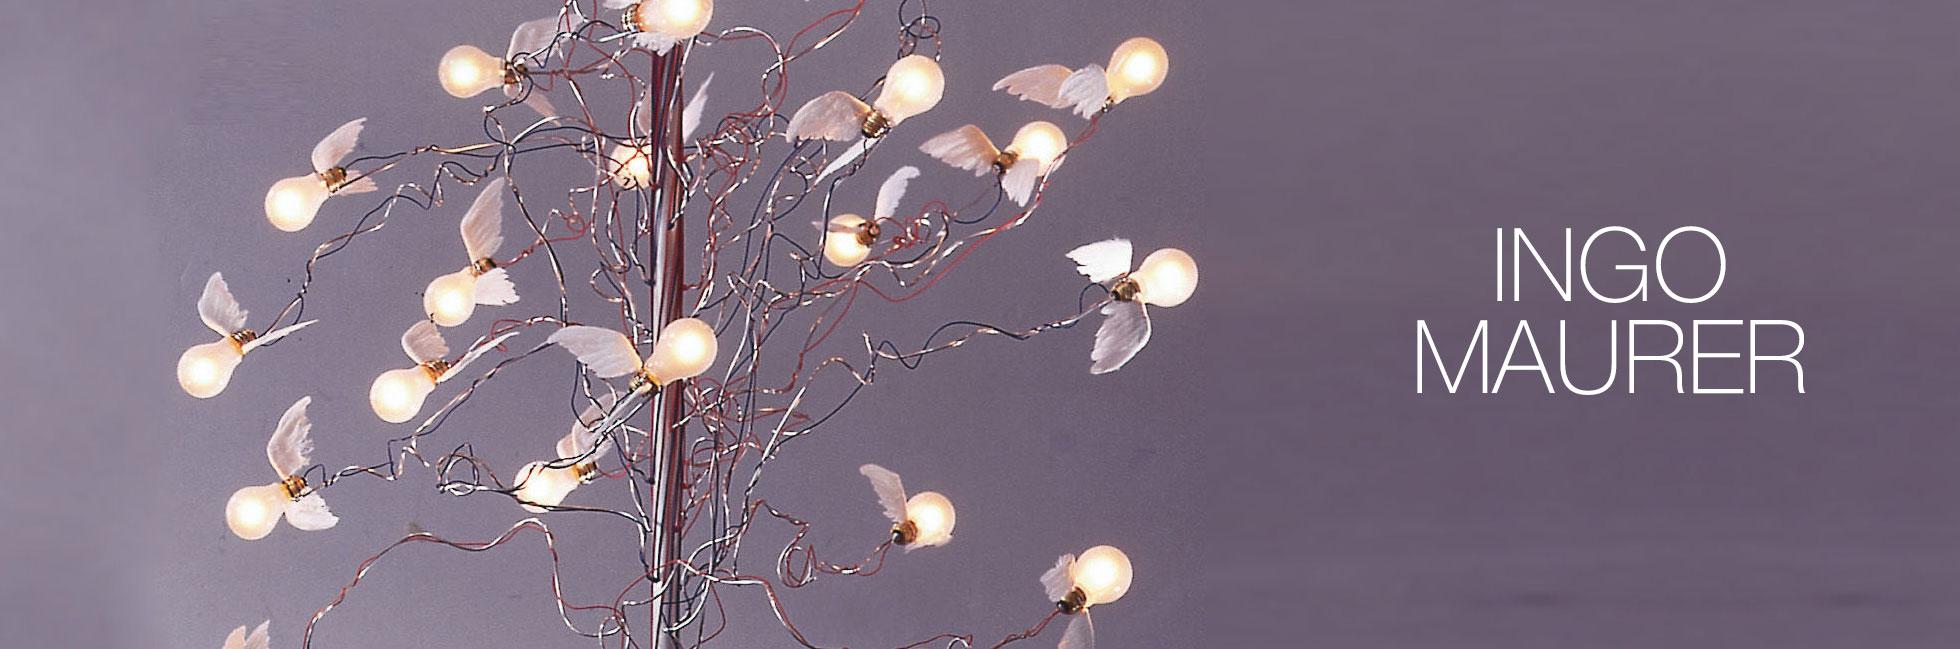 Ingo Maurer Leuchten